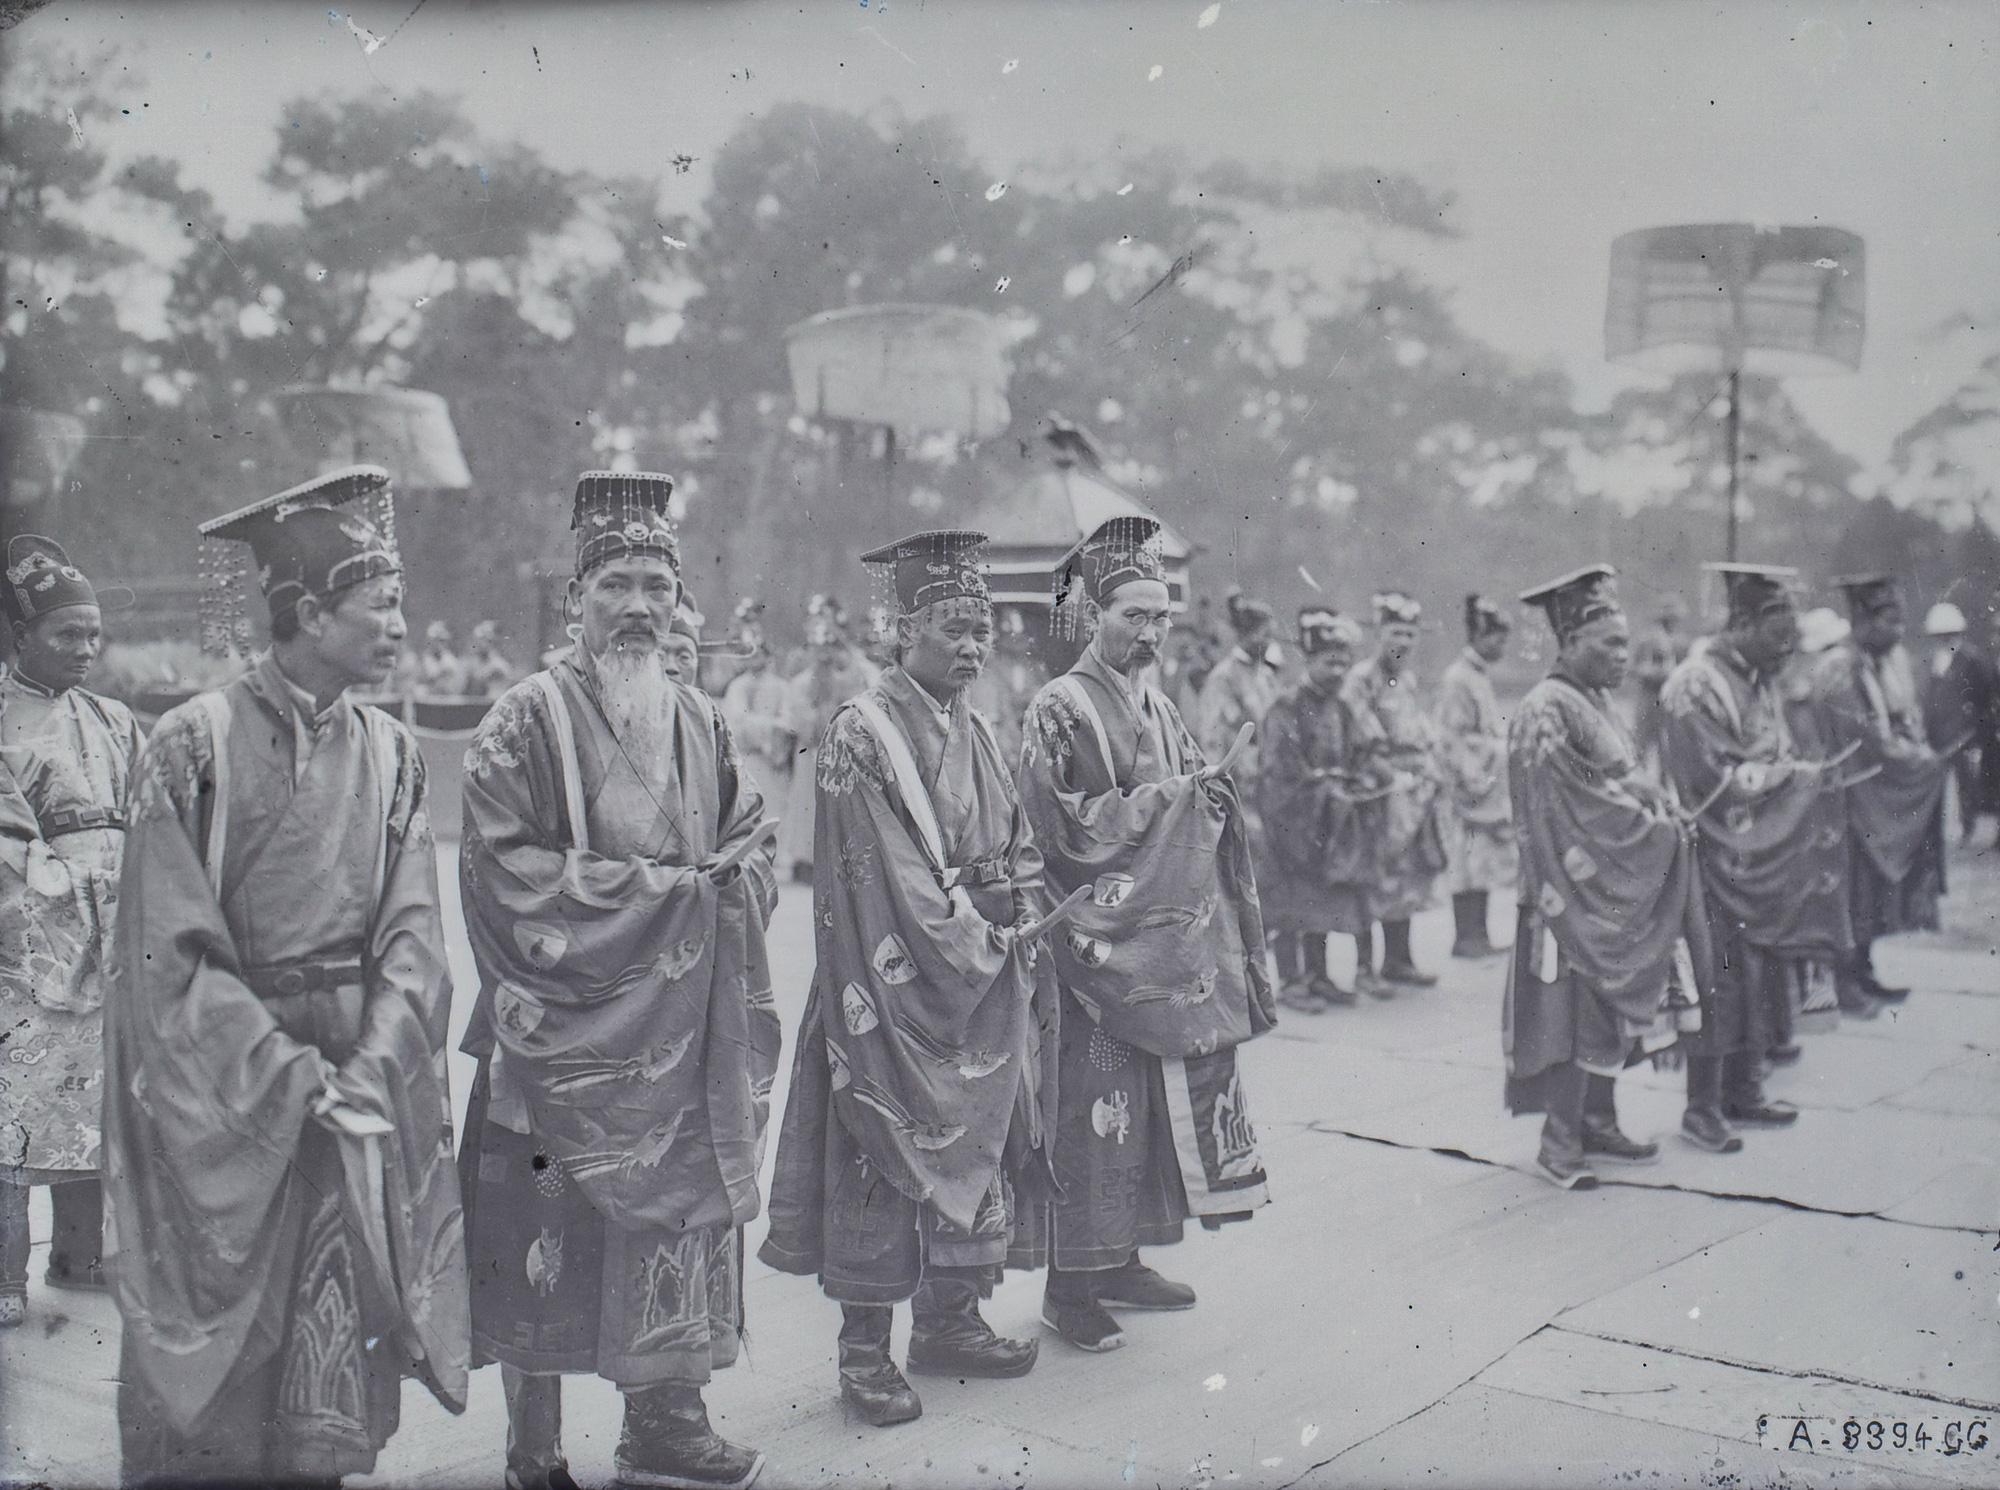 Nghi lễ tế trời đất tại đàn Nam Giao của các vua triều Nguyễn - Ảnh 18.